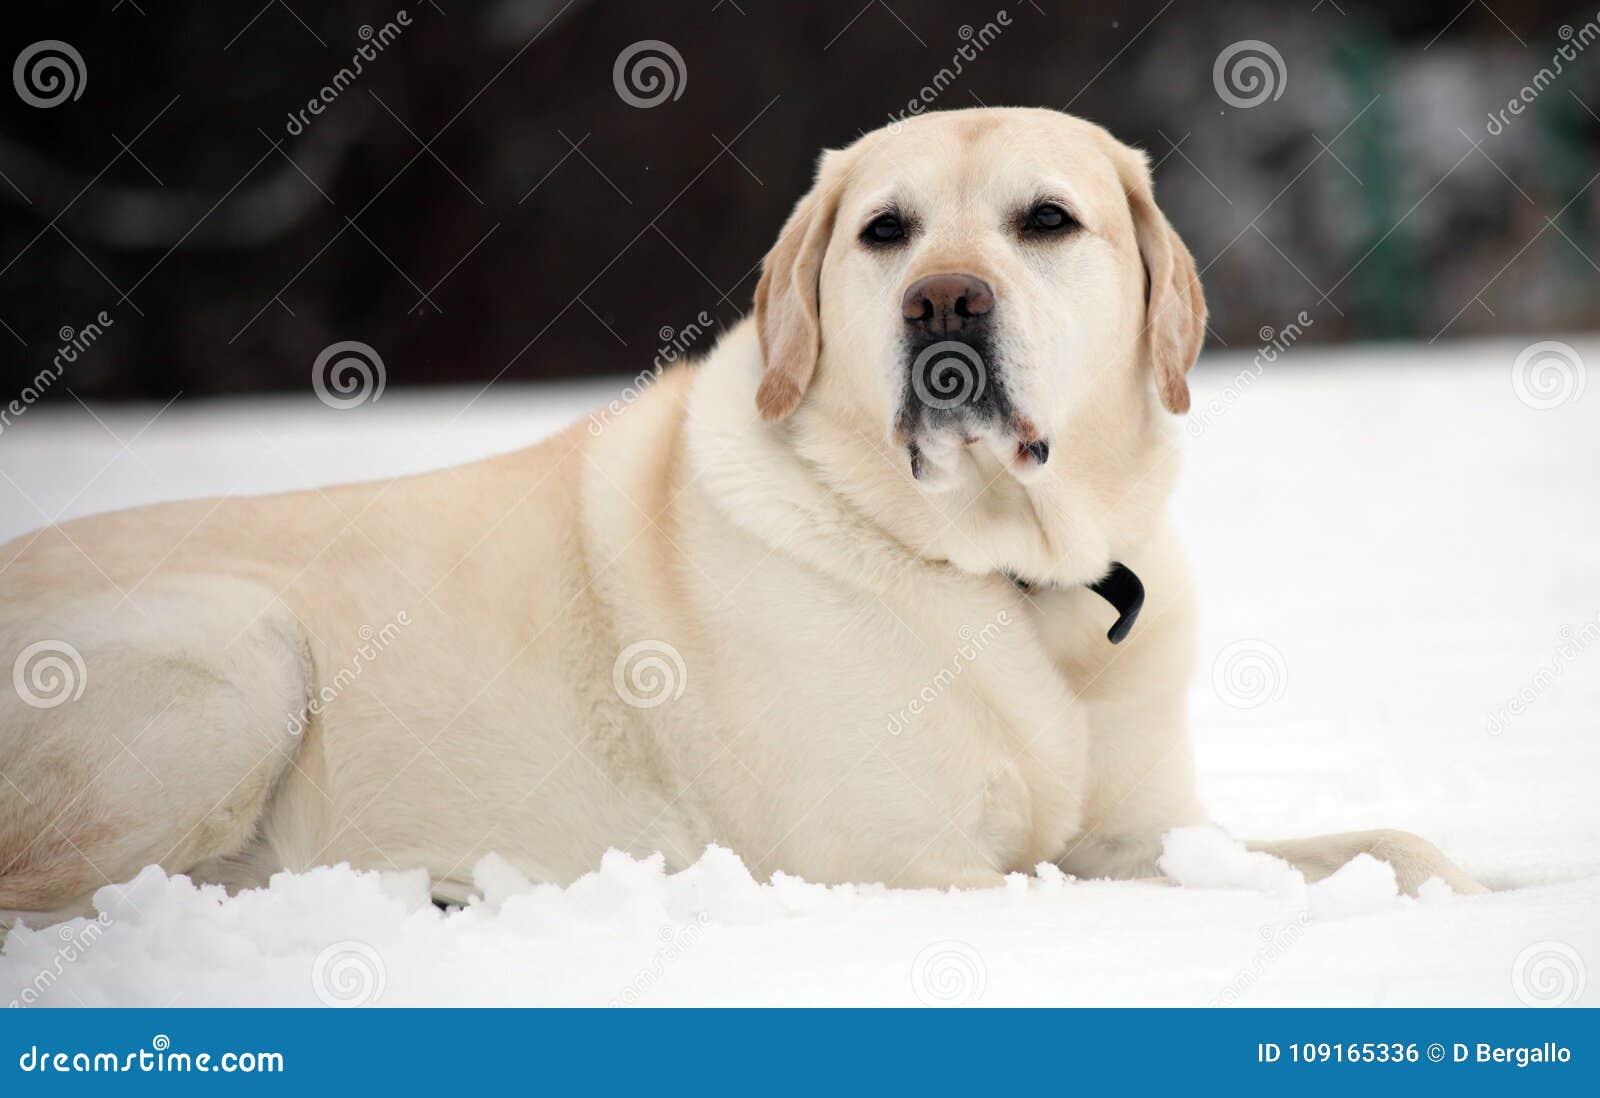 Labrador retriever dulce que juega en la nieve, mejor perro hermoso